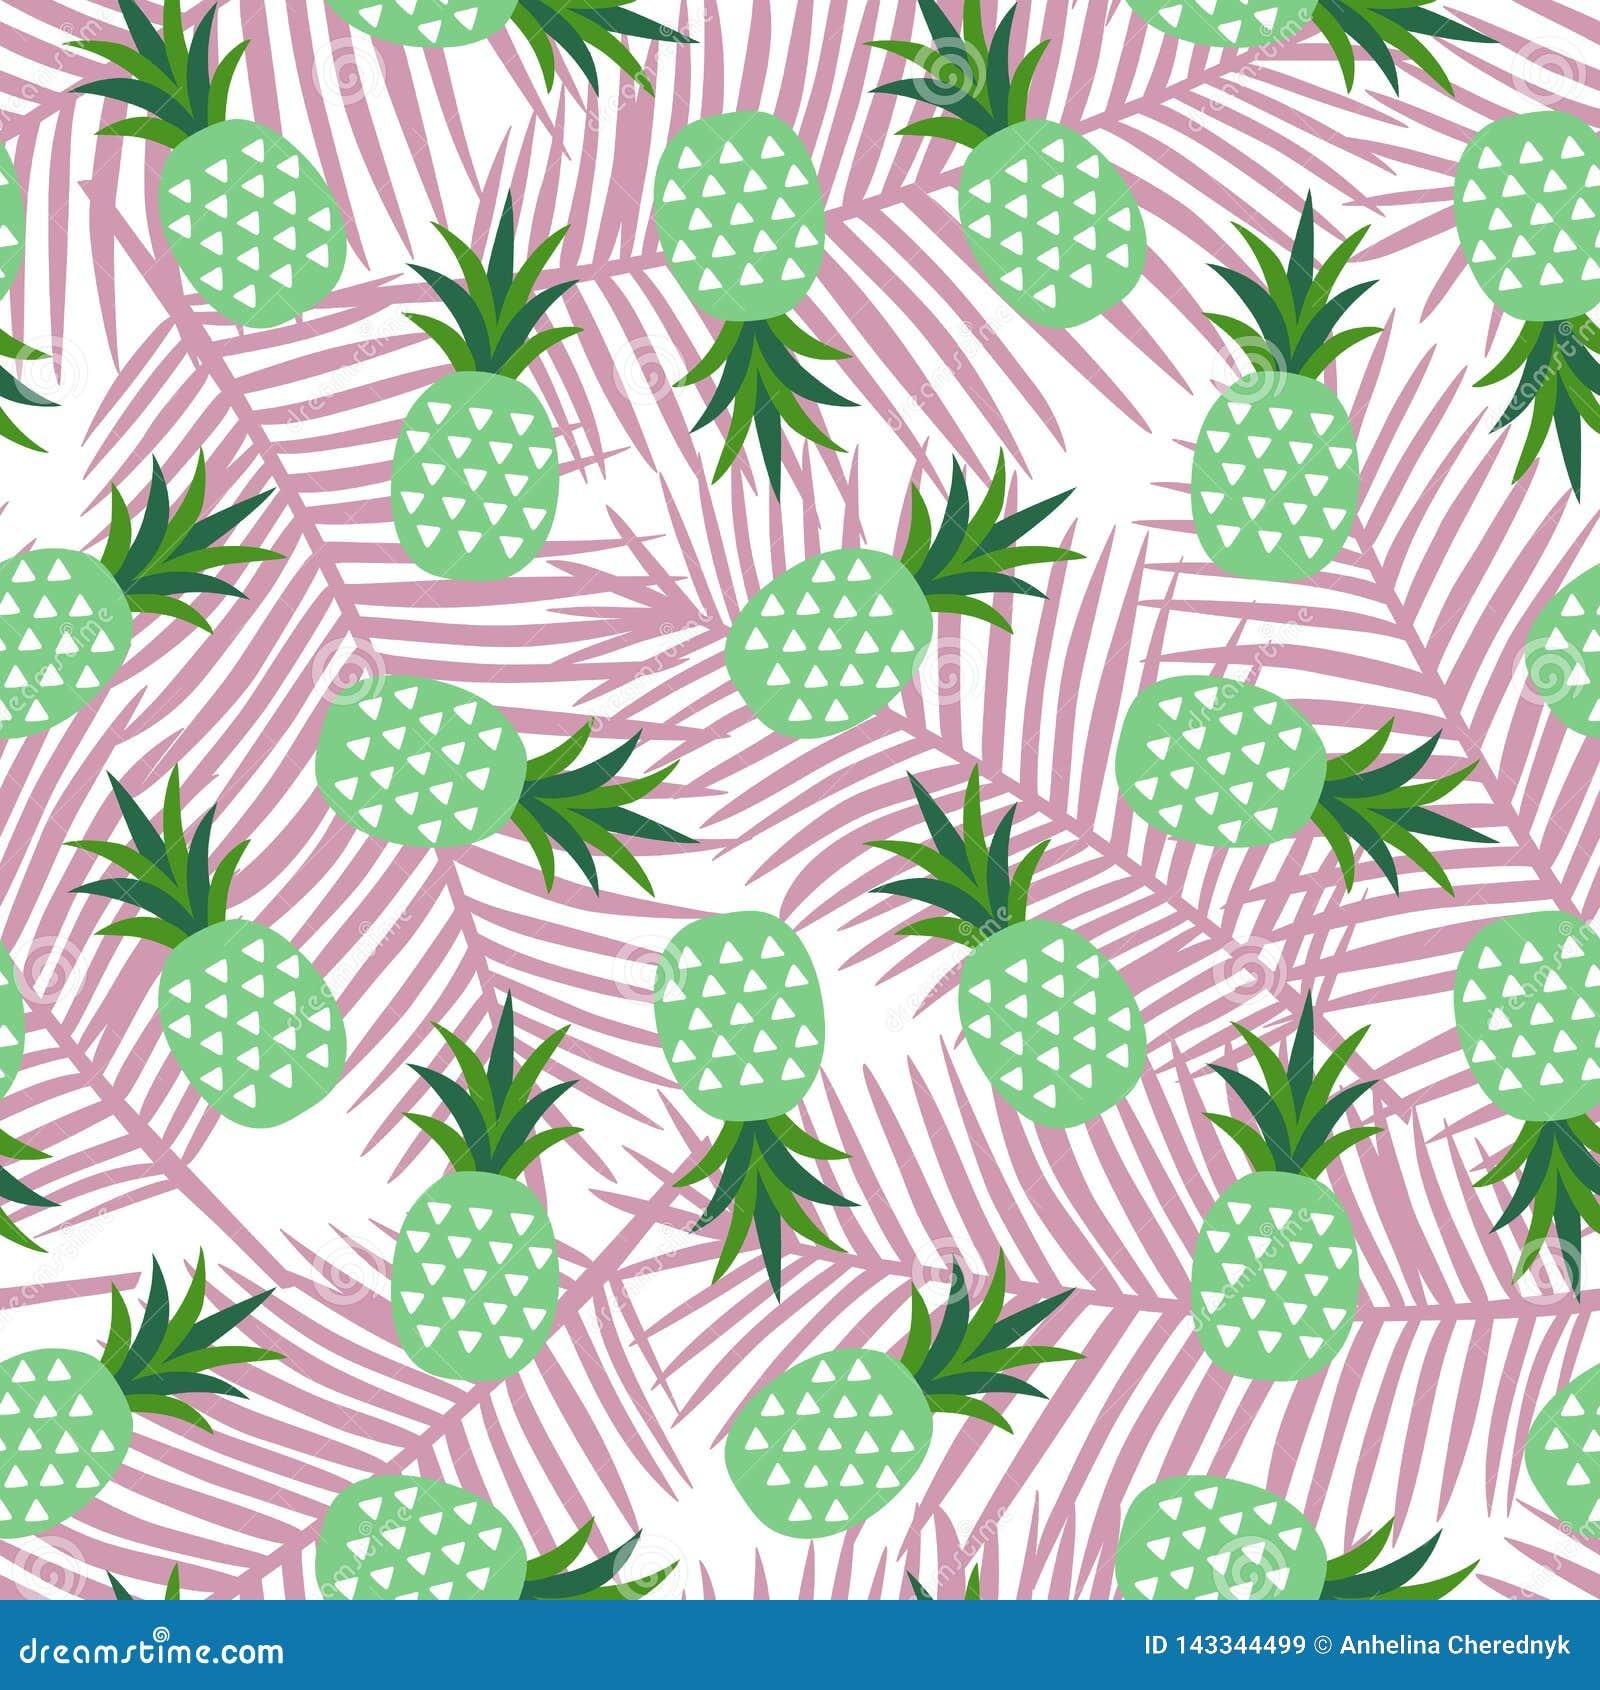 Зеленый ананас с лета плода треугольников картиной Гавайских островов геометрического тропической экзотической сладкой на светлом